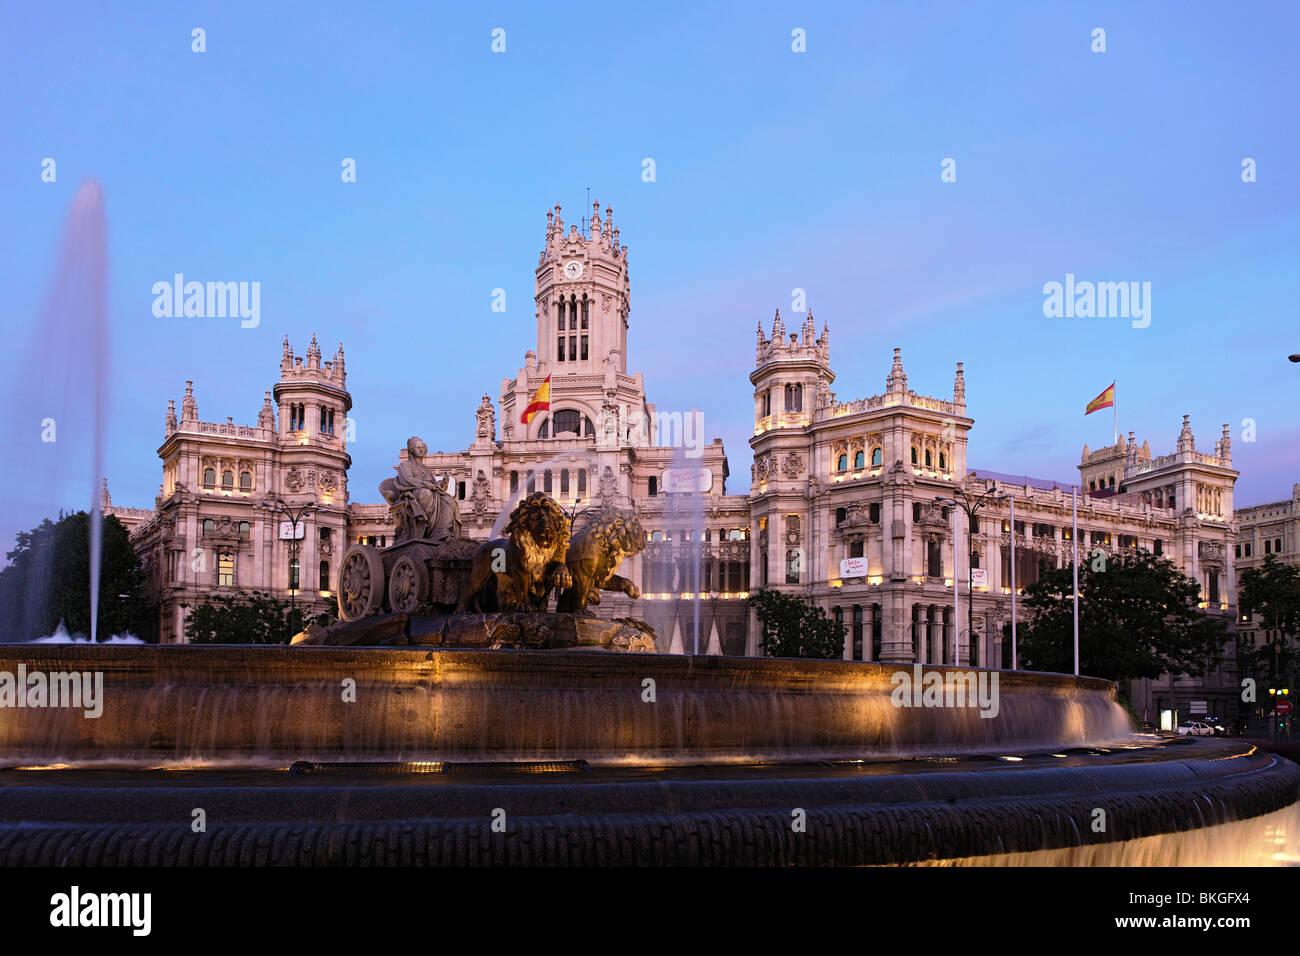 Town Hall Palacio De Comunicaciones With Fuente De Cibeles